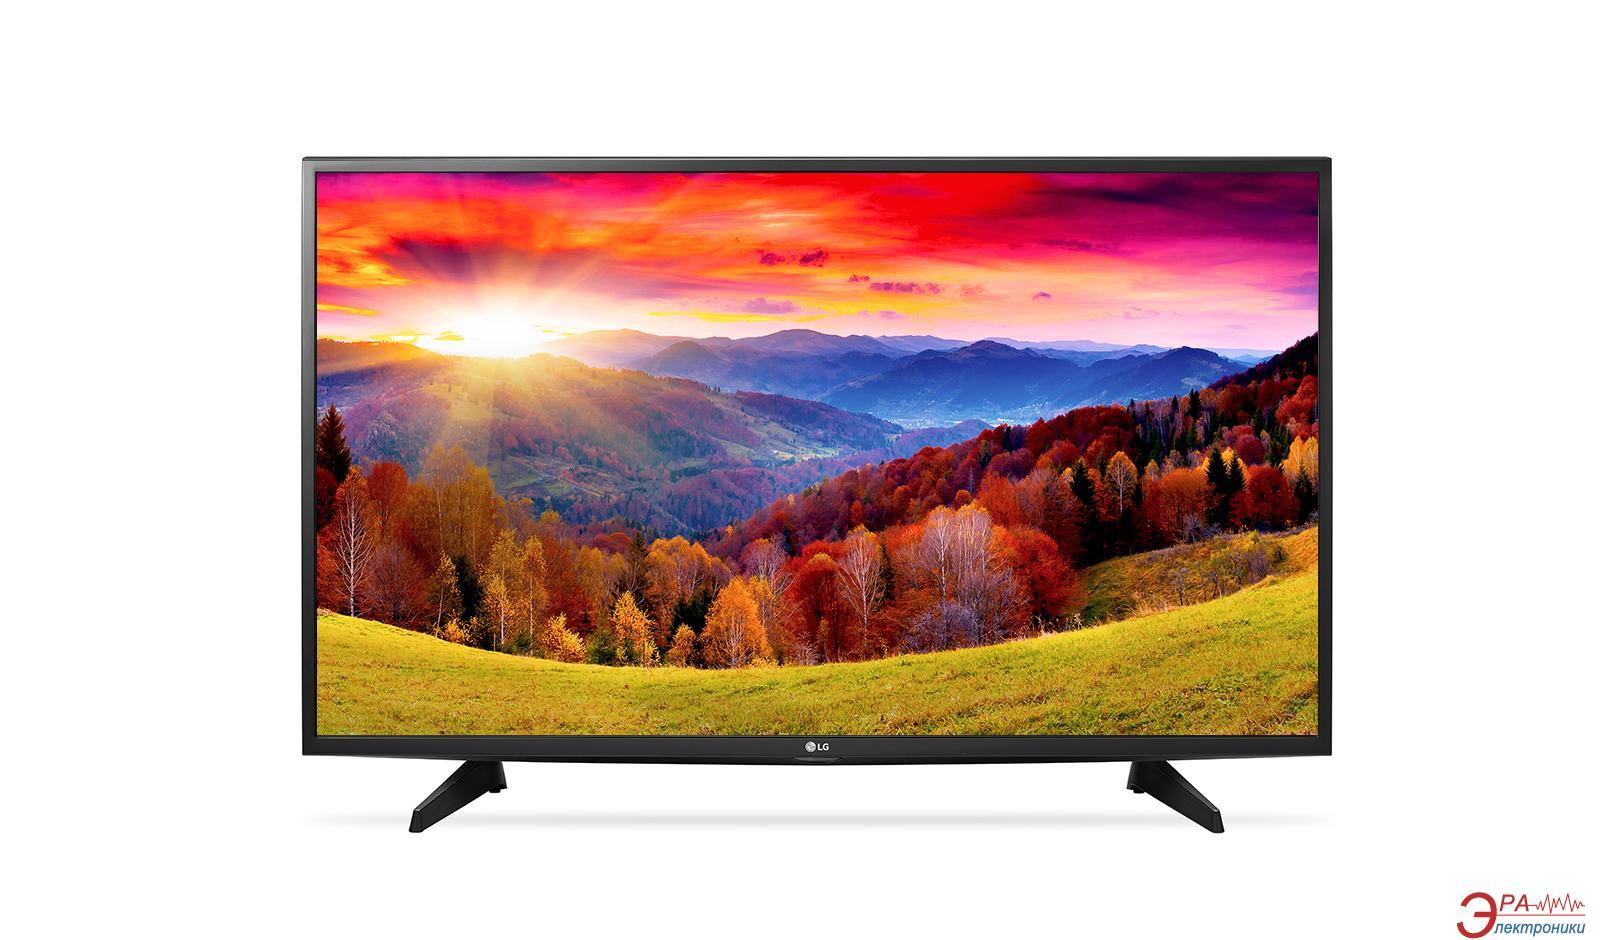 LED Телевизор 49 LG 49LH513V